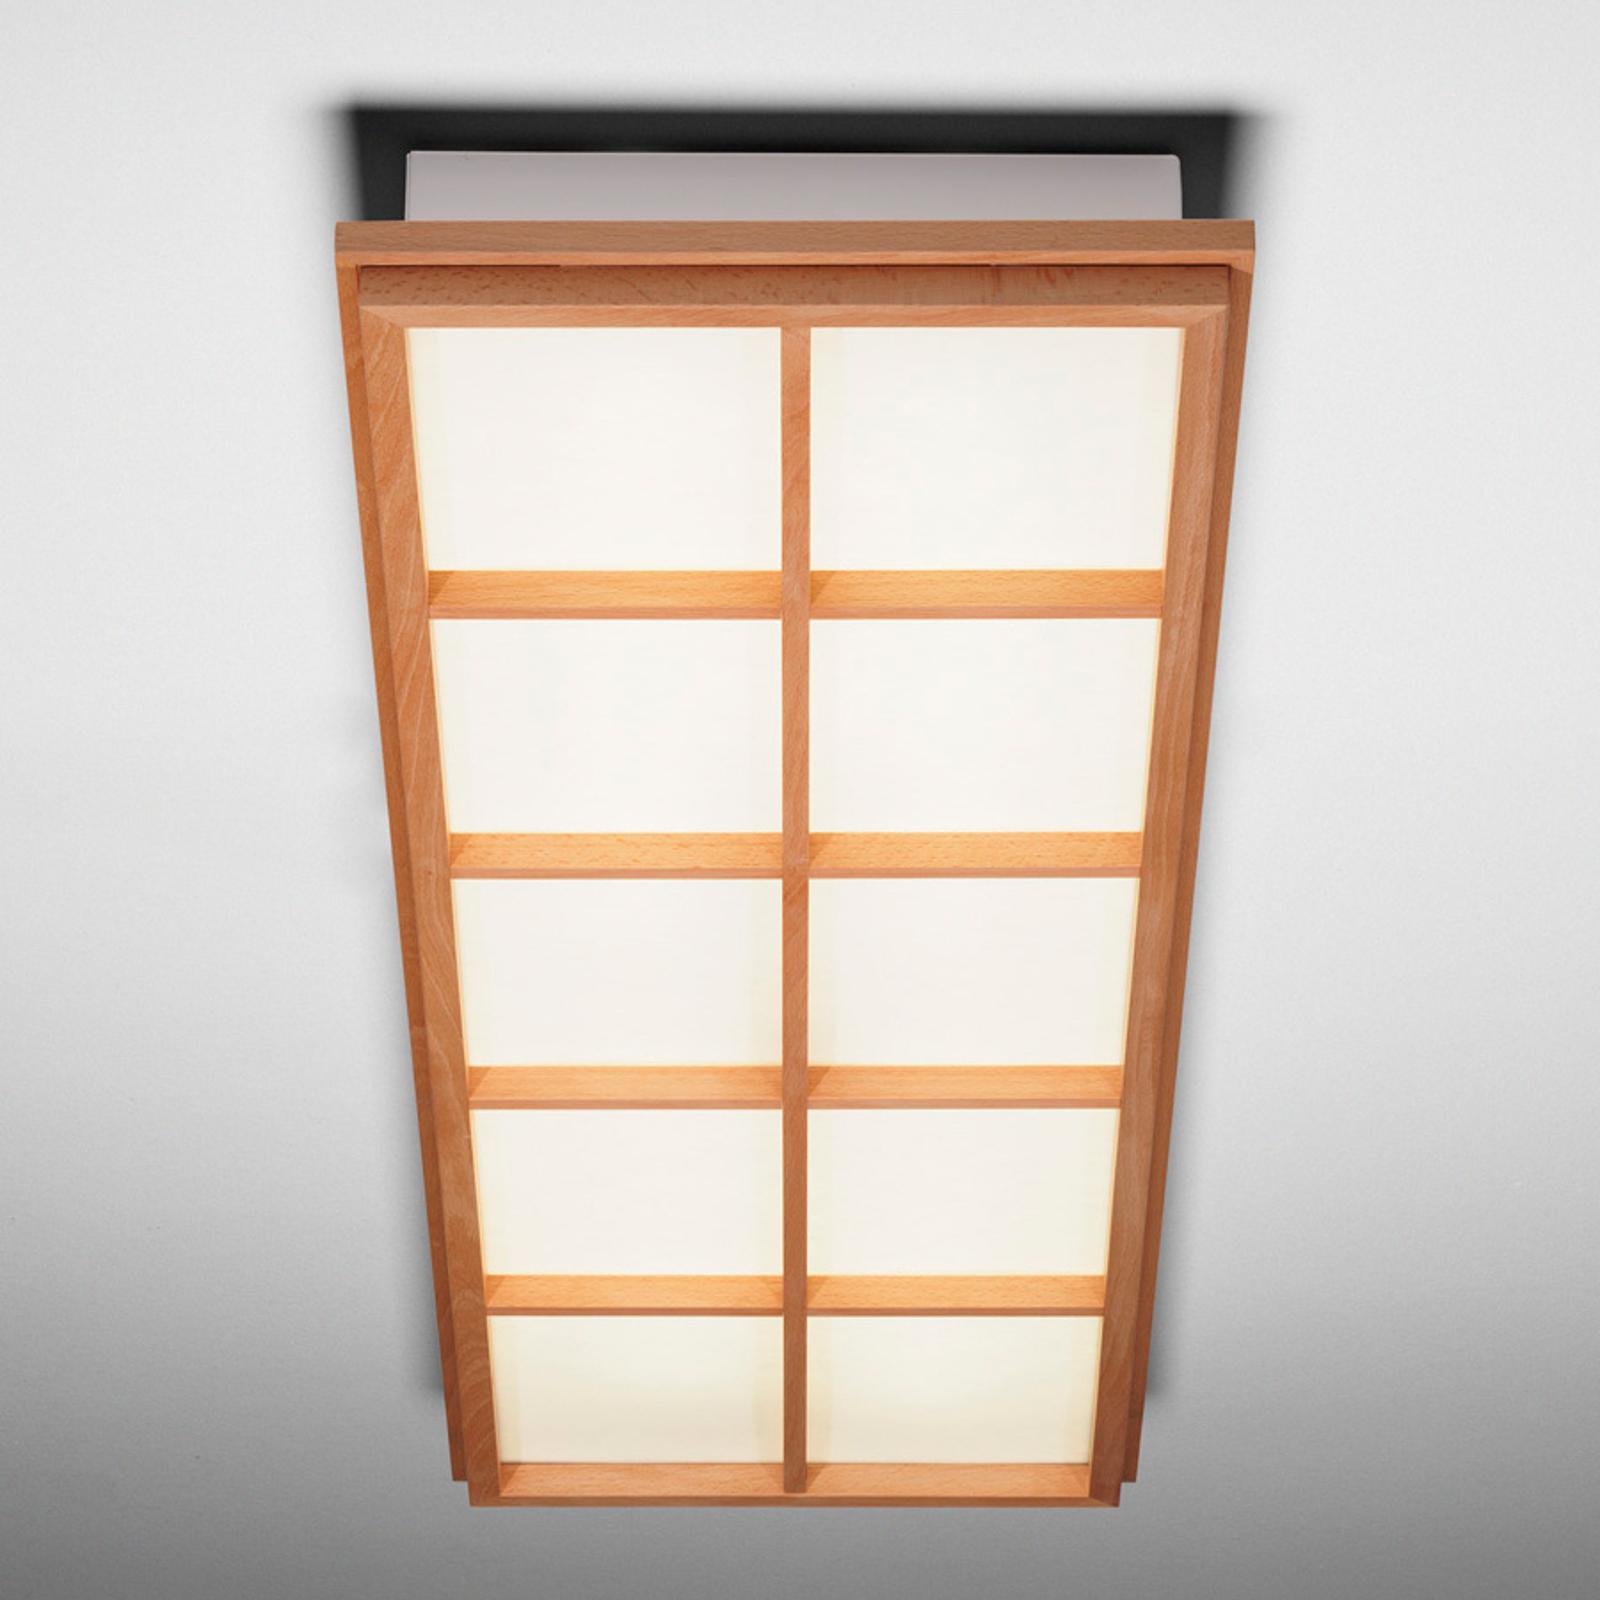 Applique et plafonnier LED Kioto 10 bois de hêtre